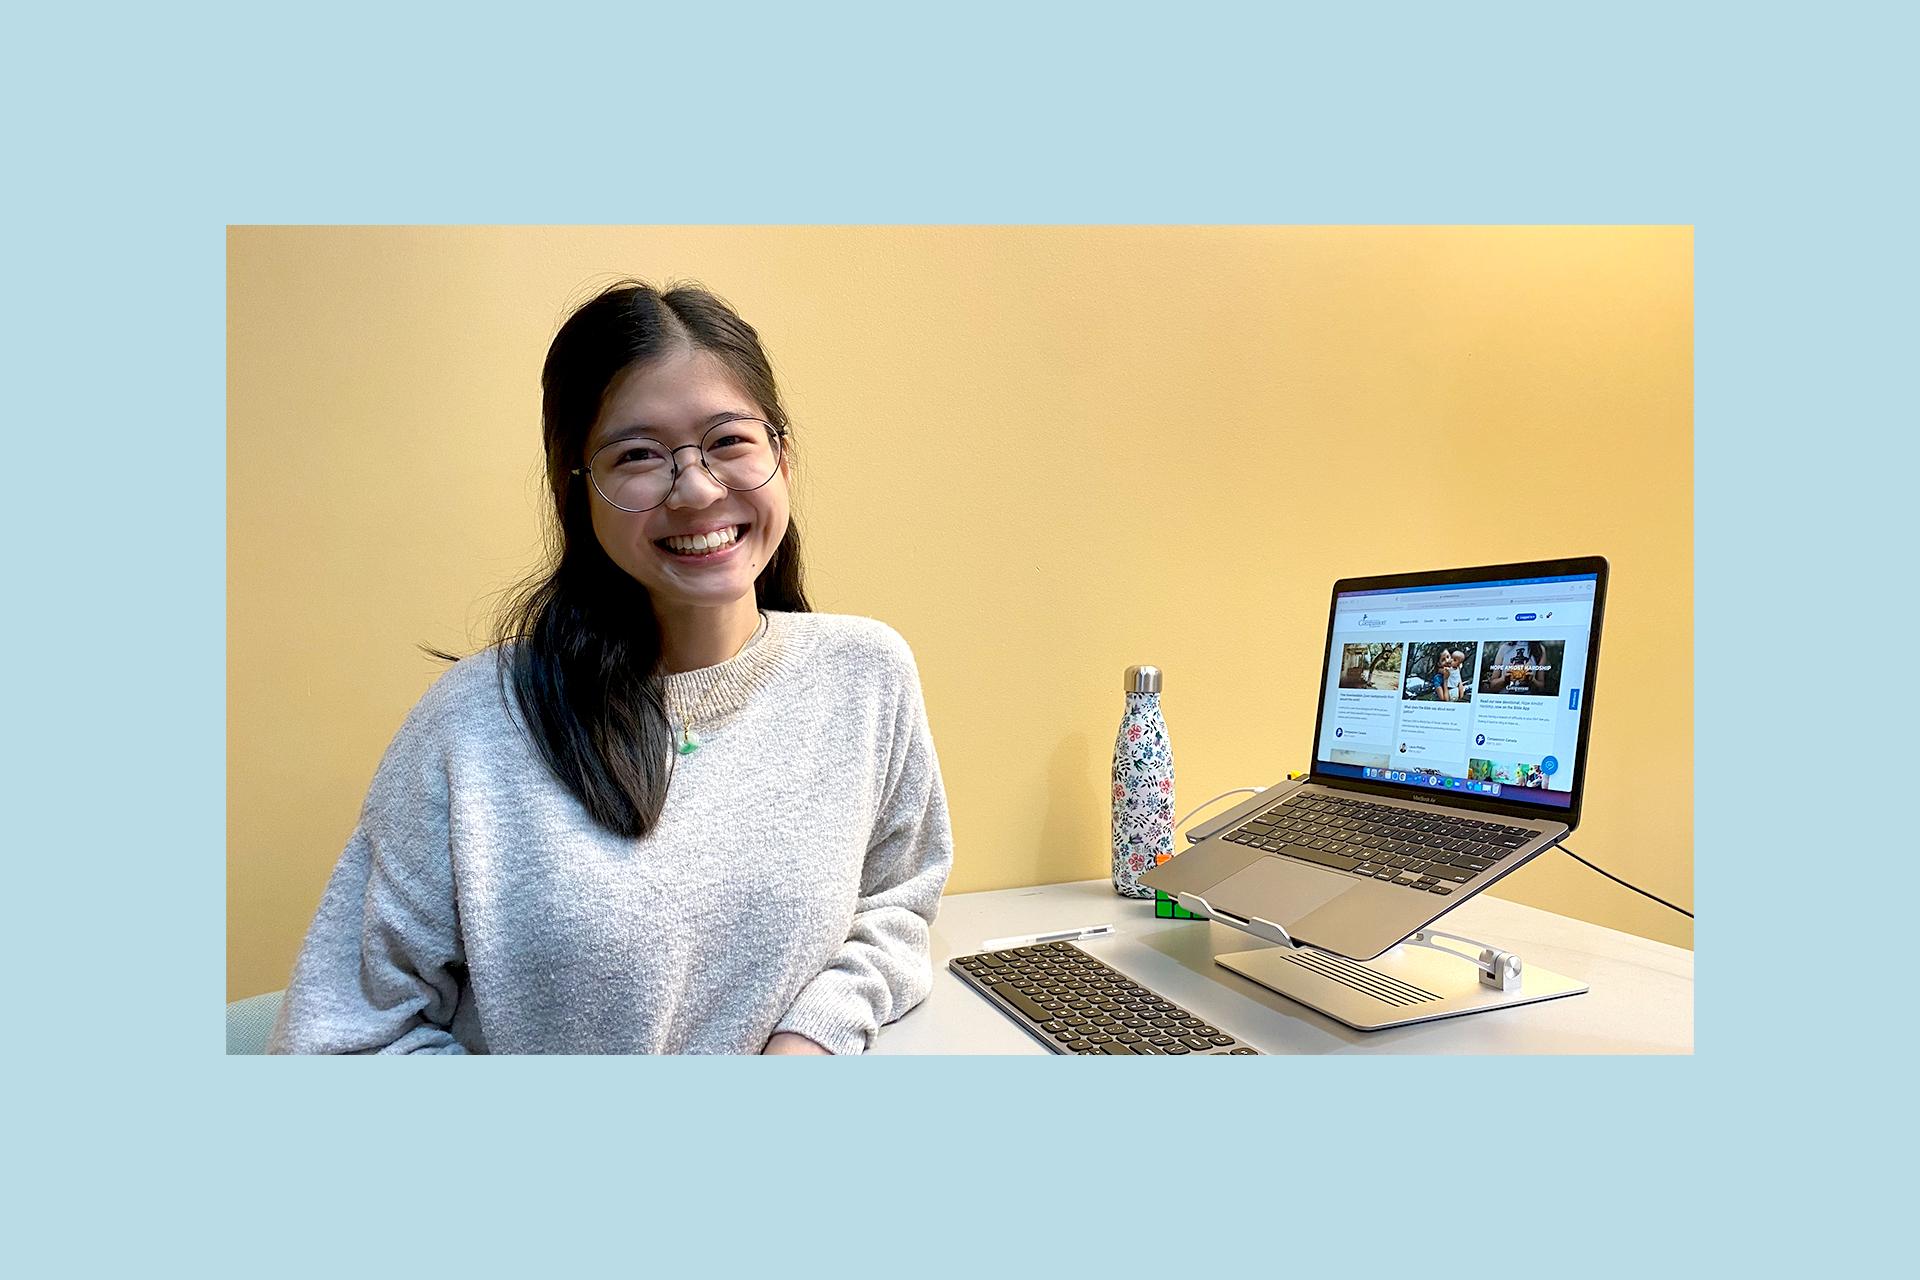 Alyssa profile photo